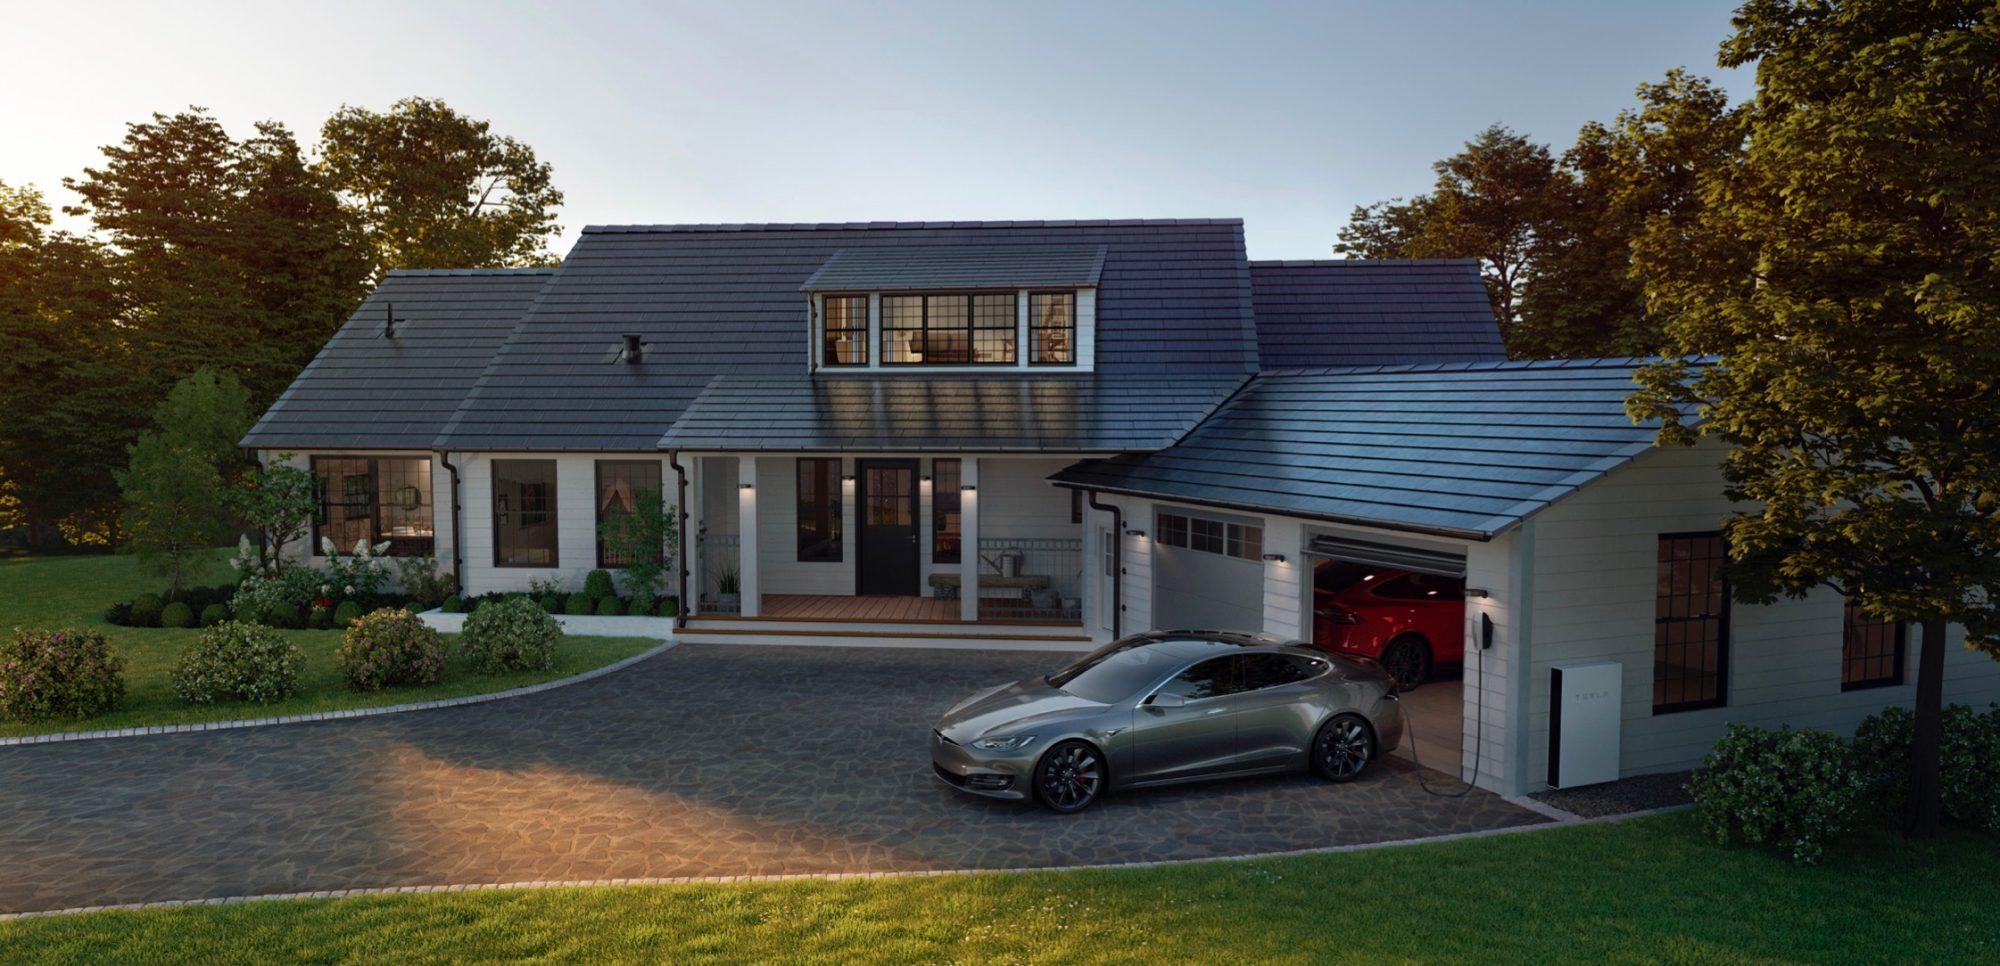 Tesla model S tölt a Powerwallról egy Solar Roof napelemes tetővel szerelt ház előtt